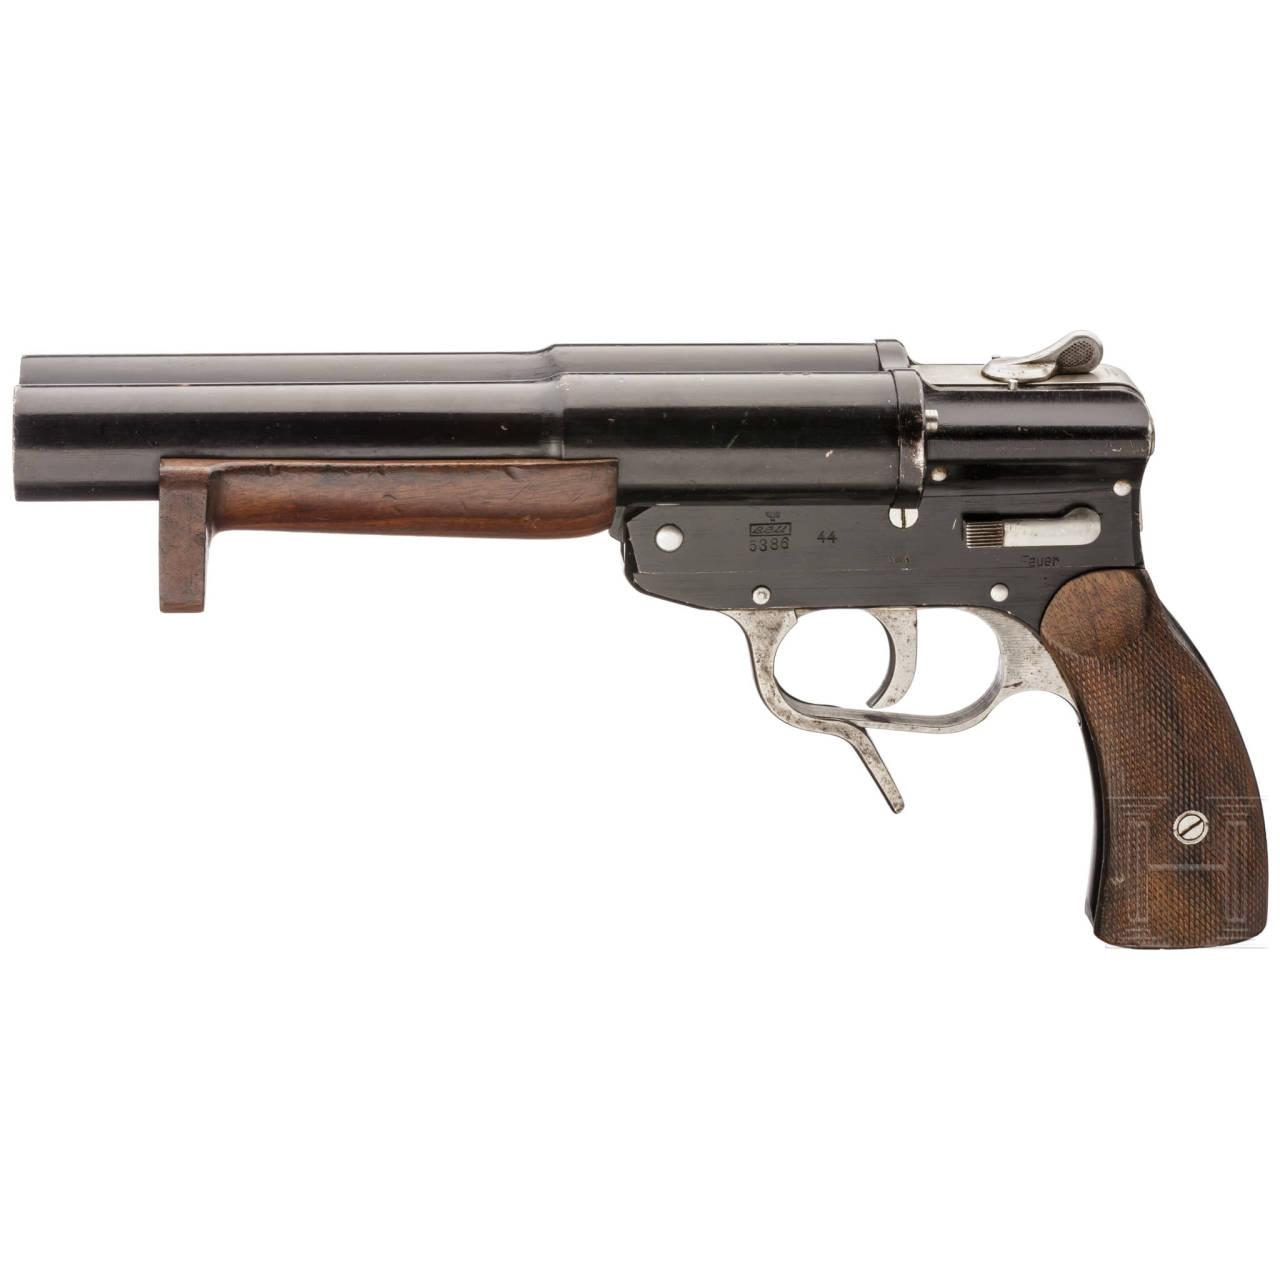 """Doppelläufige Marine-Signalpistole SLd, Code """"eeu - 44"""""""